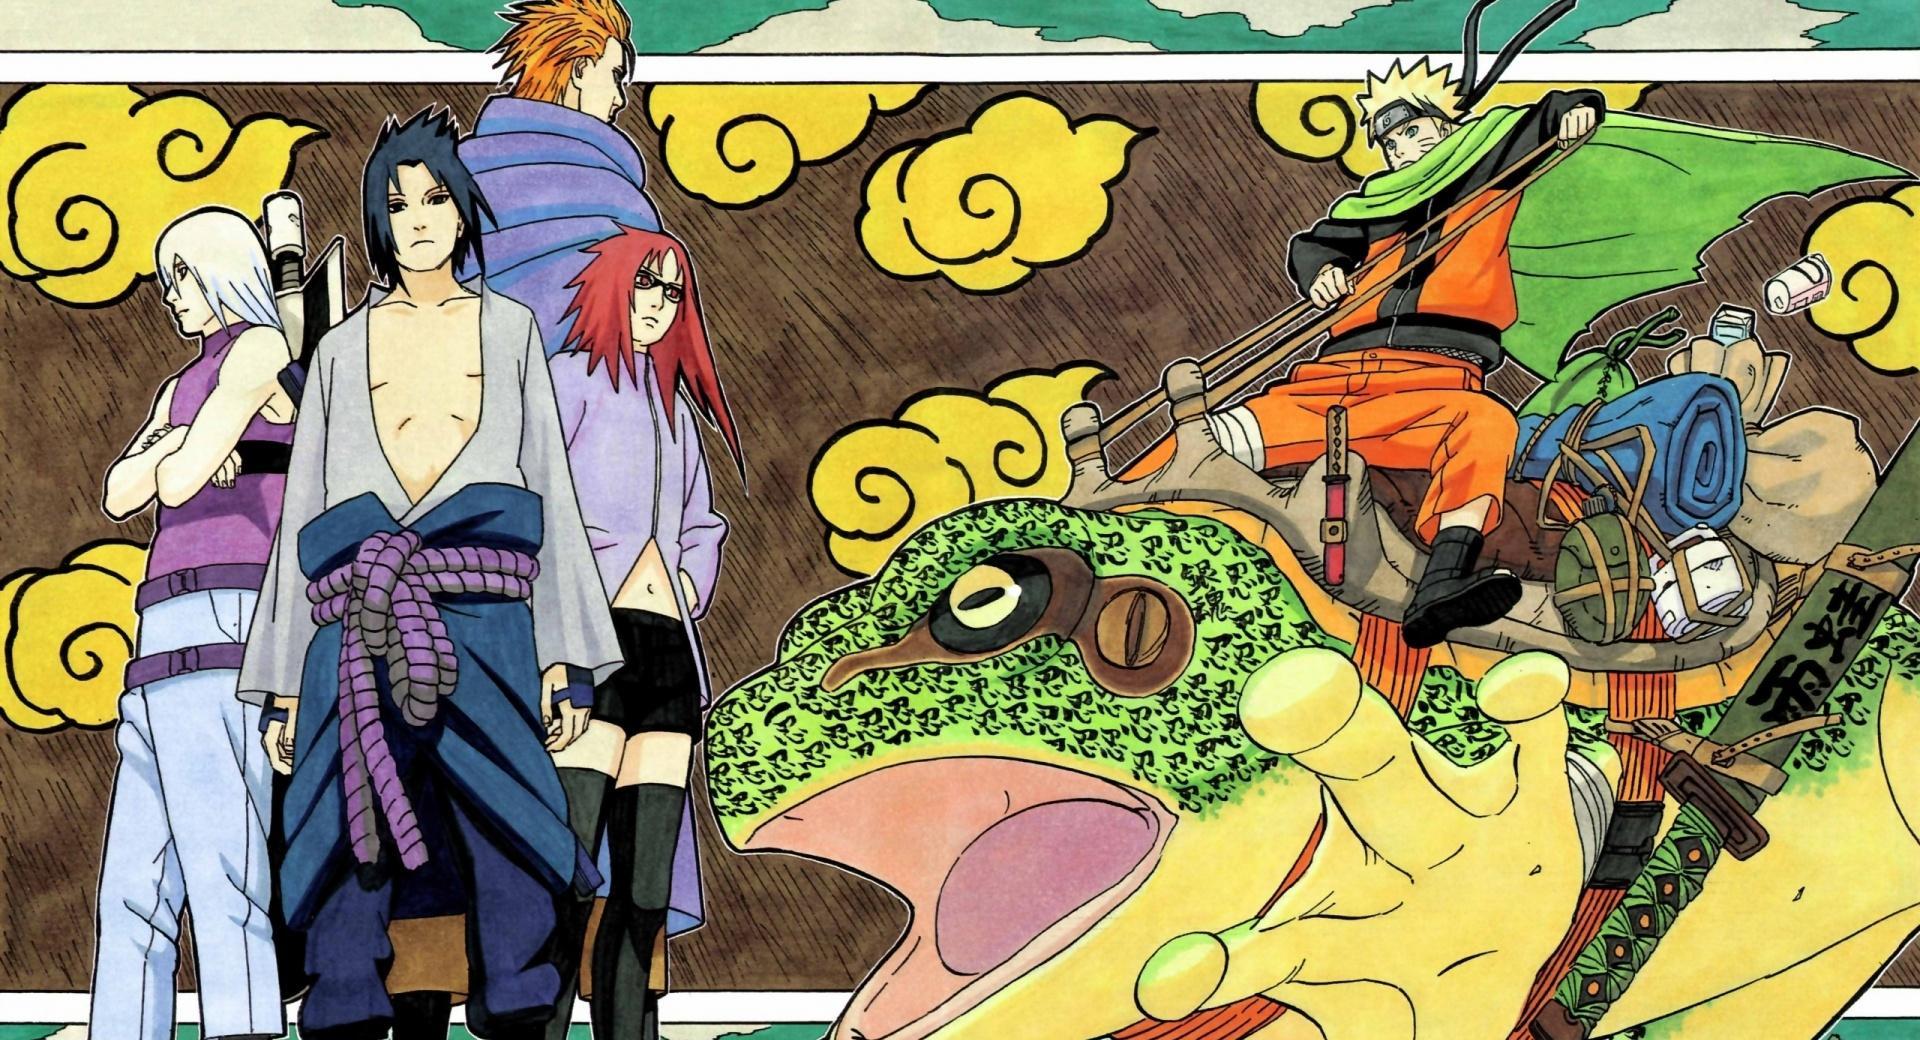 Sasuke - Team Hebi wallpapers HD quality